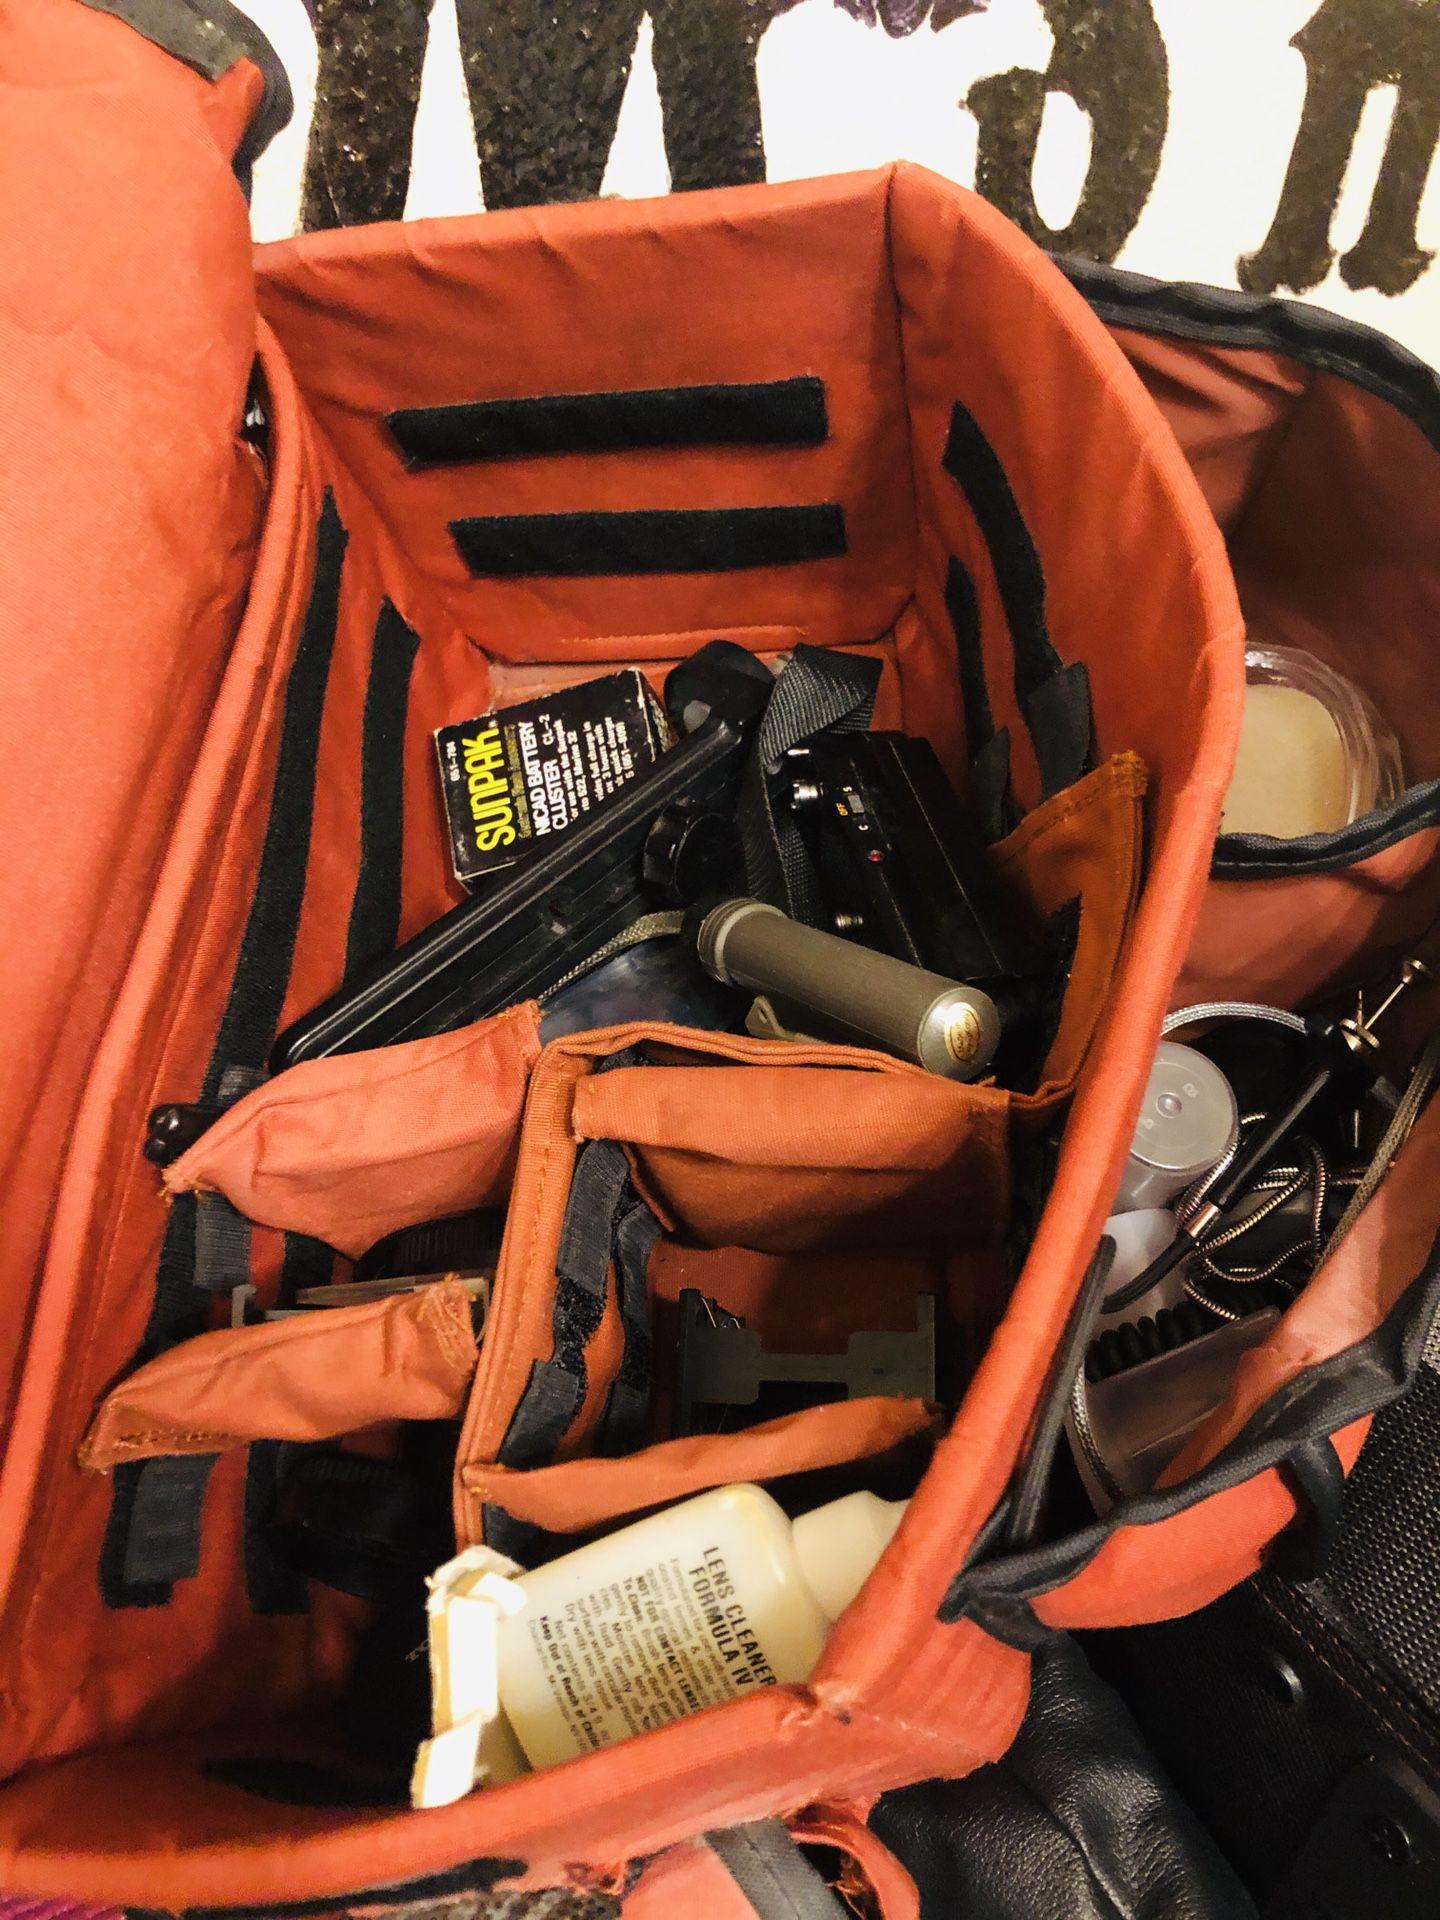 Canon camera equipment